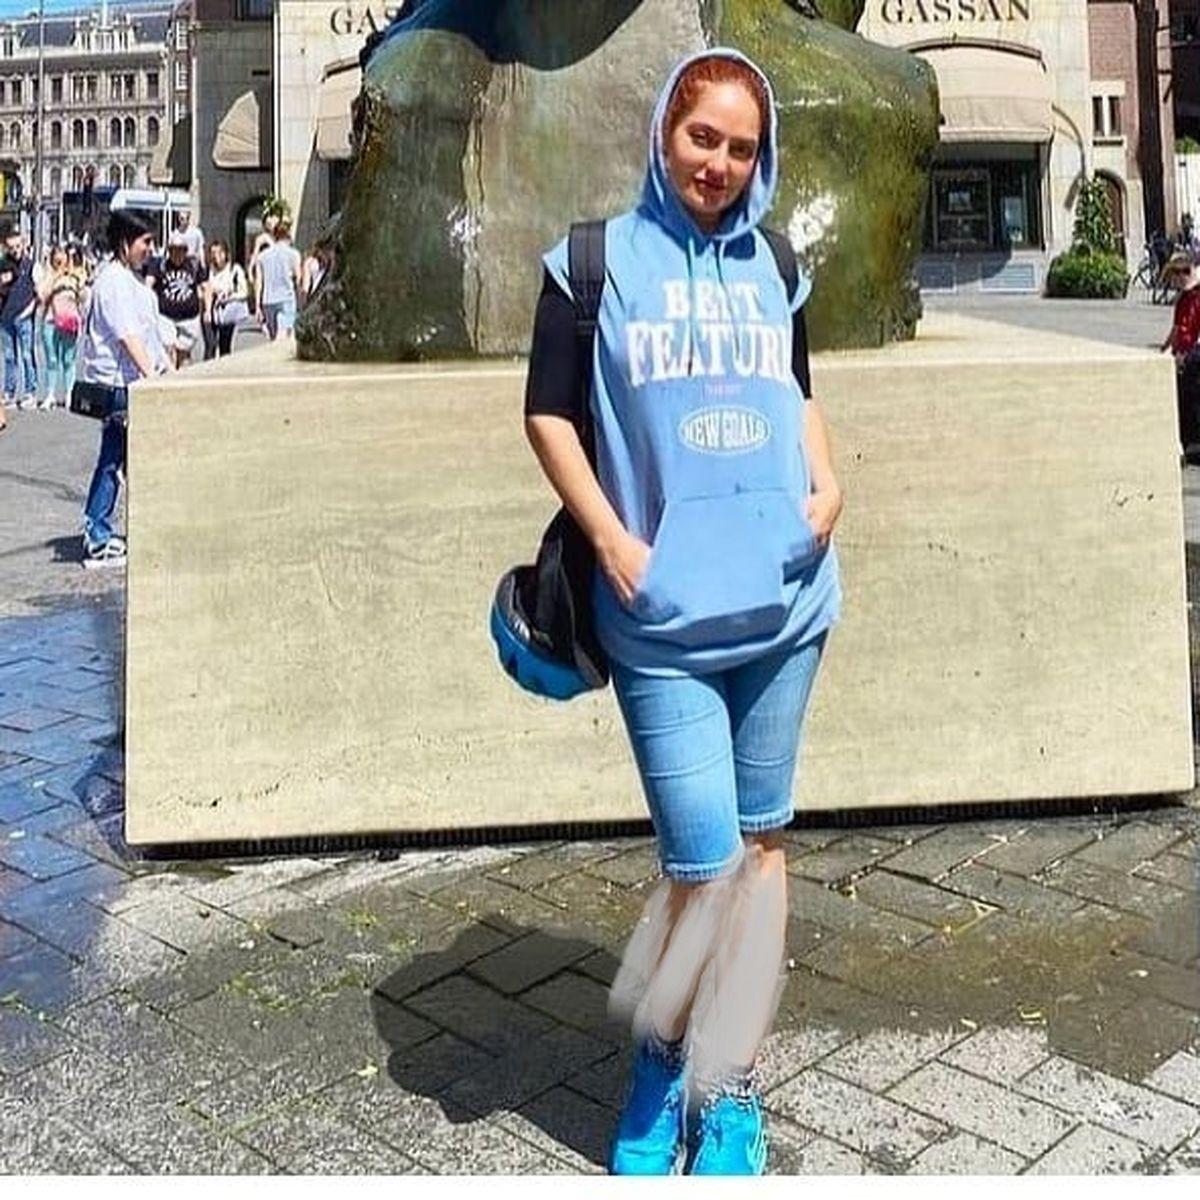 عکس جدید مهنار افشار با شلوارک و پاهای برهنه !